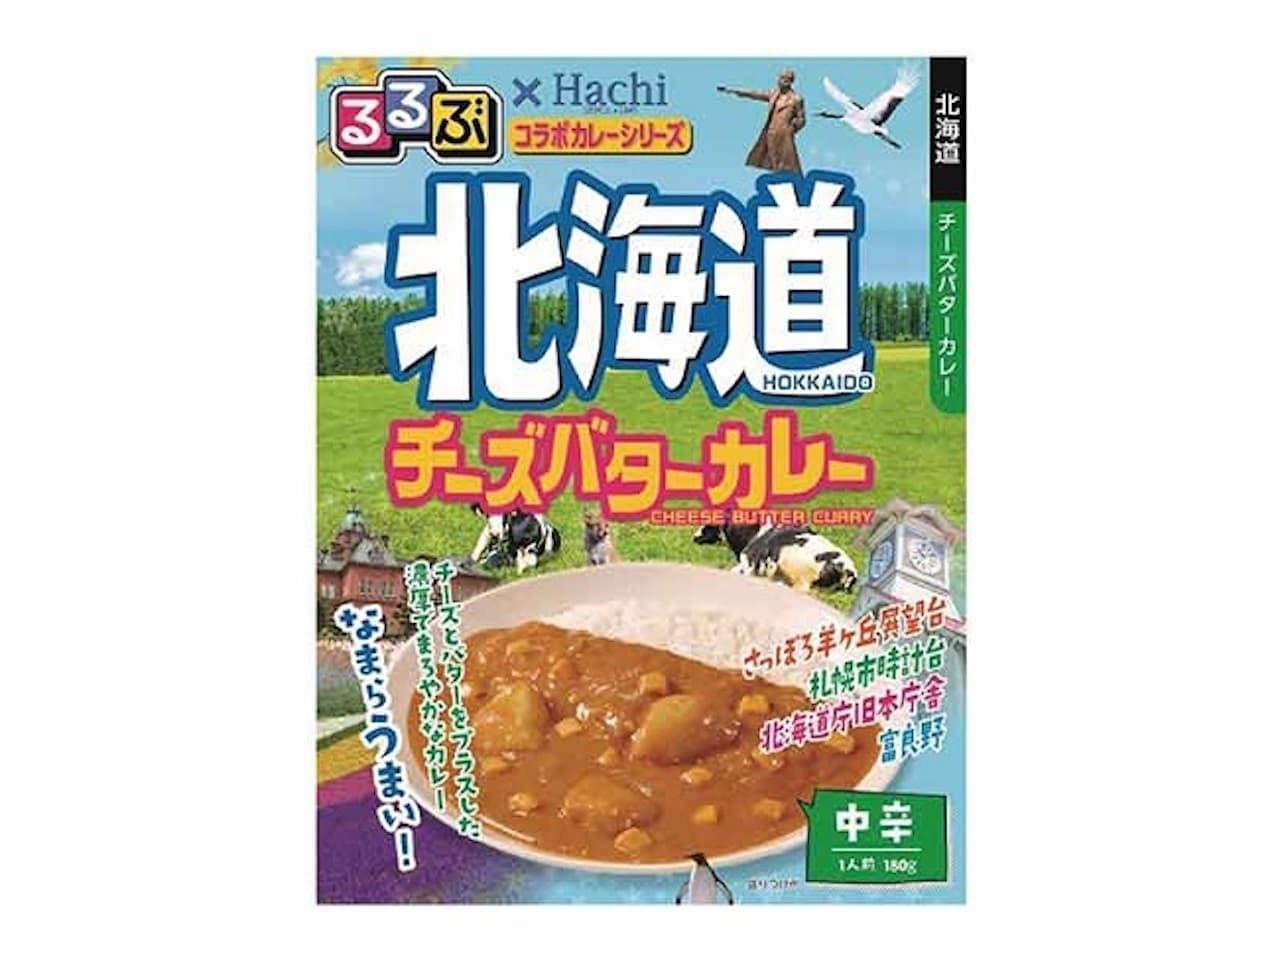 ローソンストア100「るるぶ×Hachi コラボカレーシリーズ 北海道チーズバターカレー 中辛 」